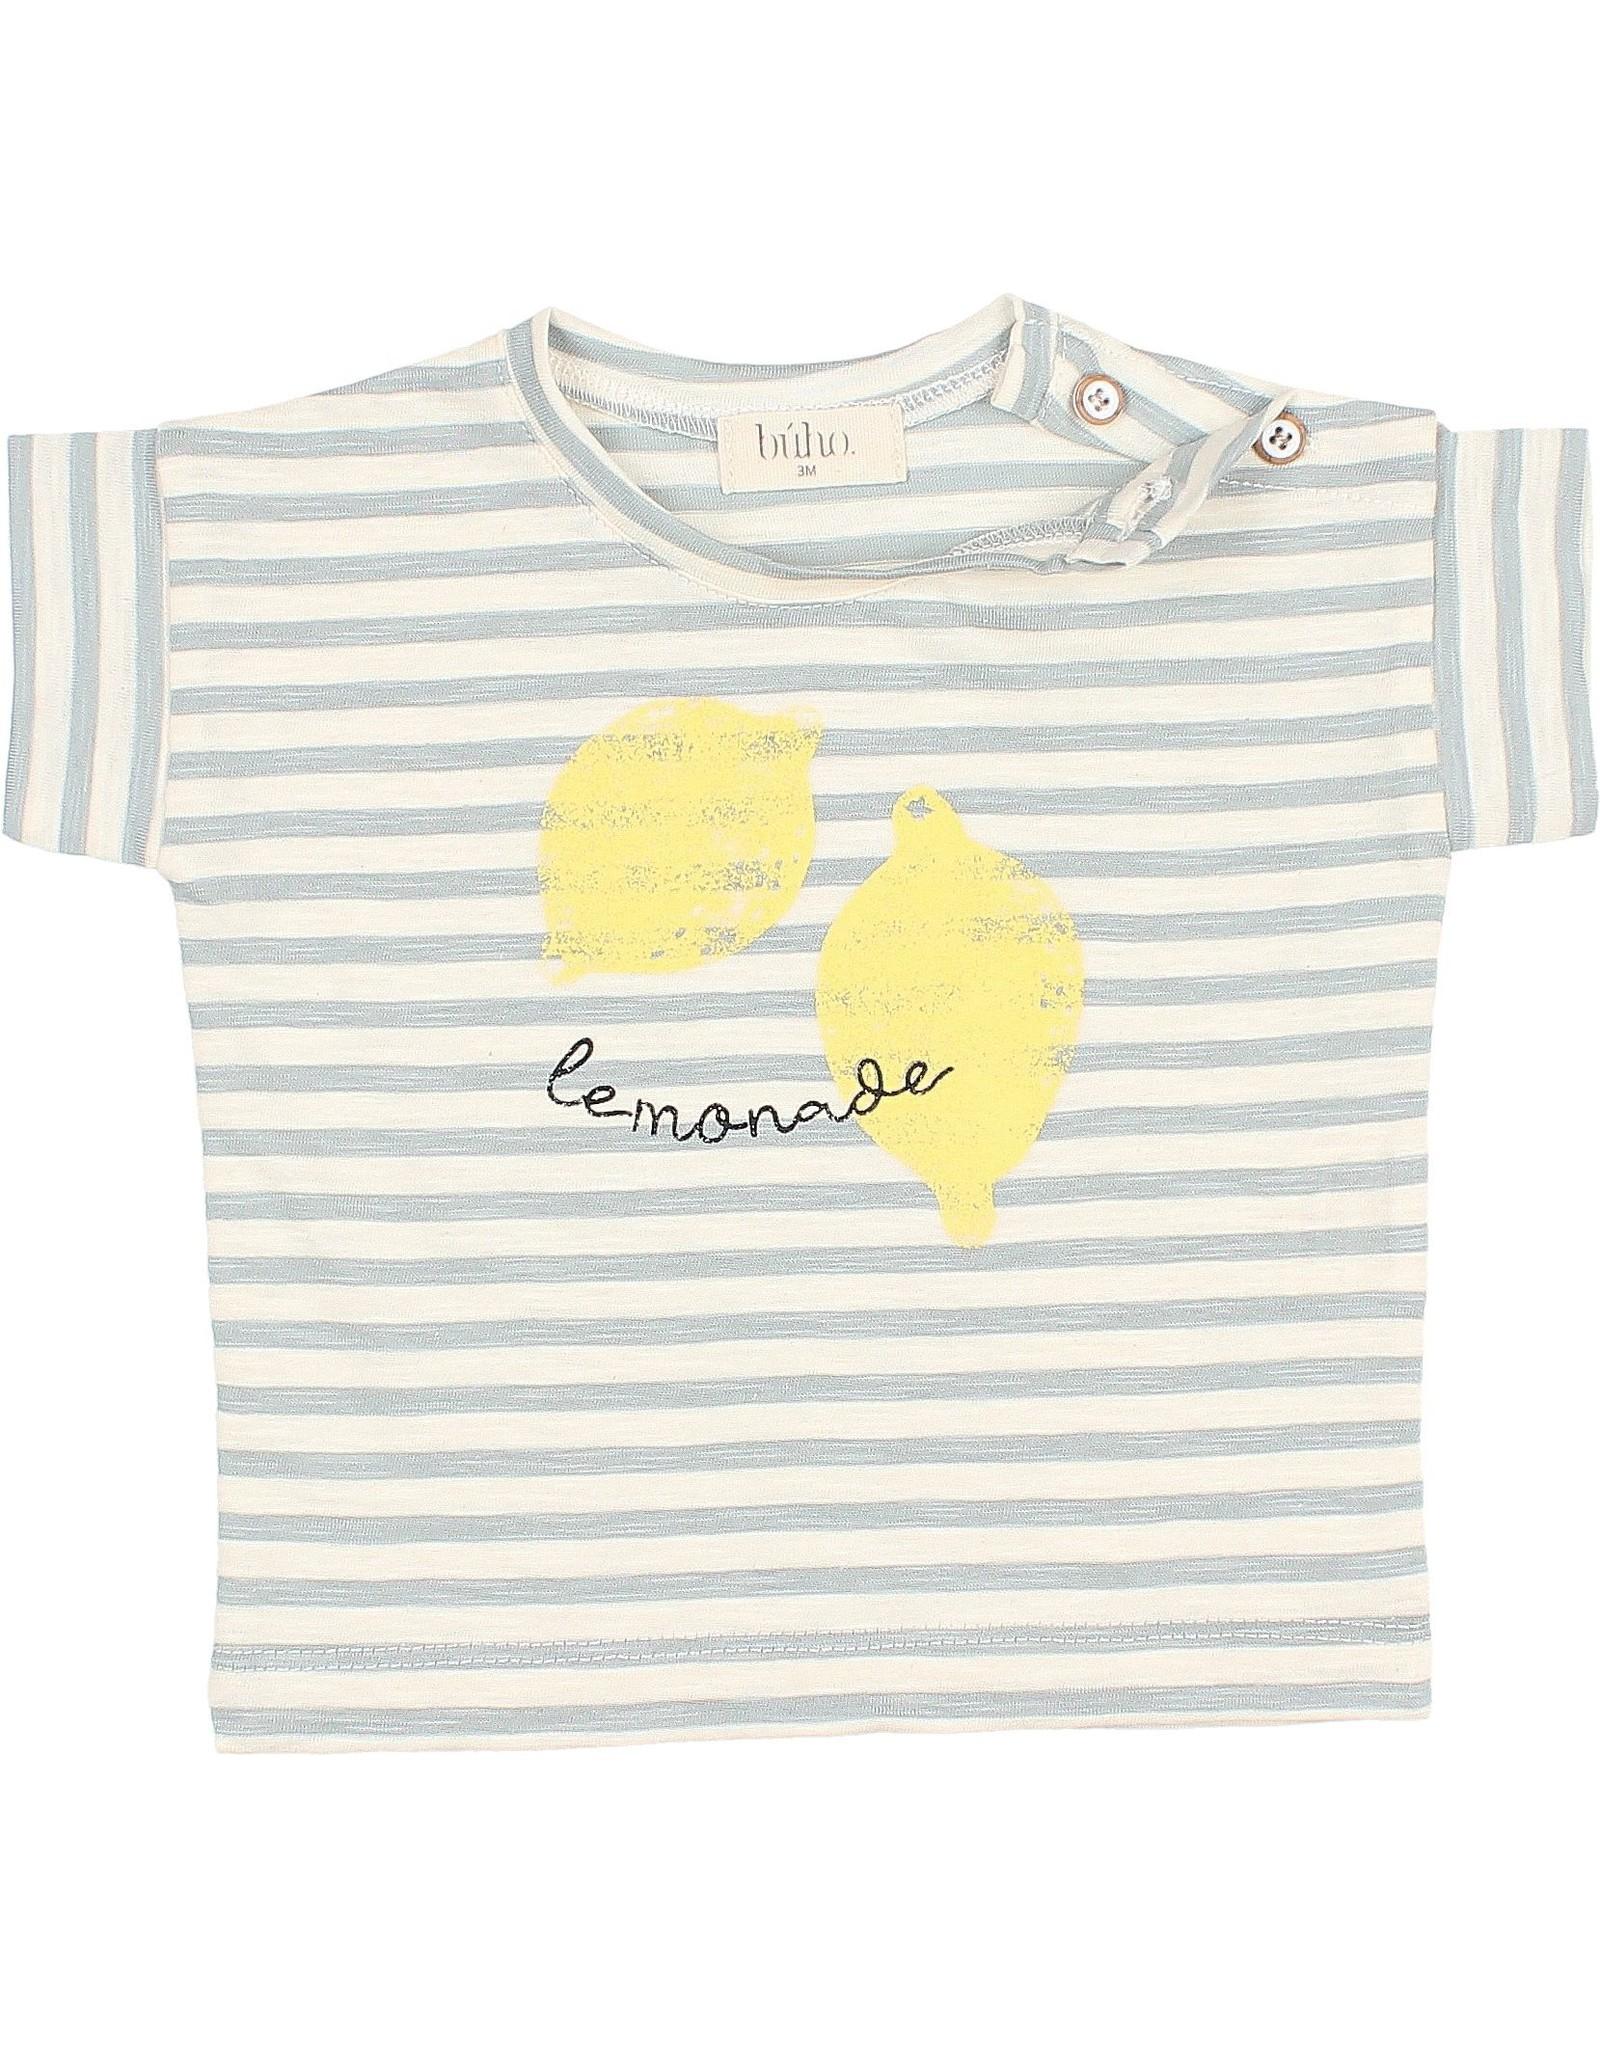 Buho Baby stripes tshirt - Cloud